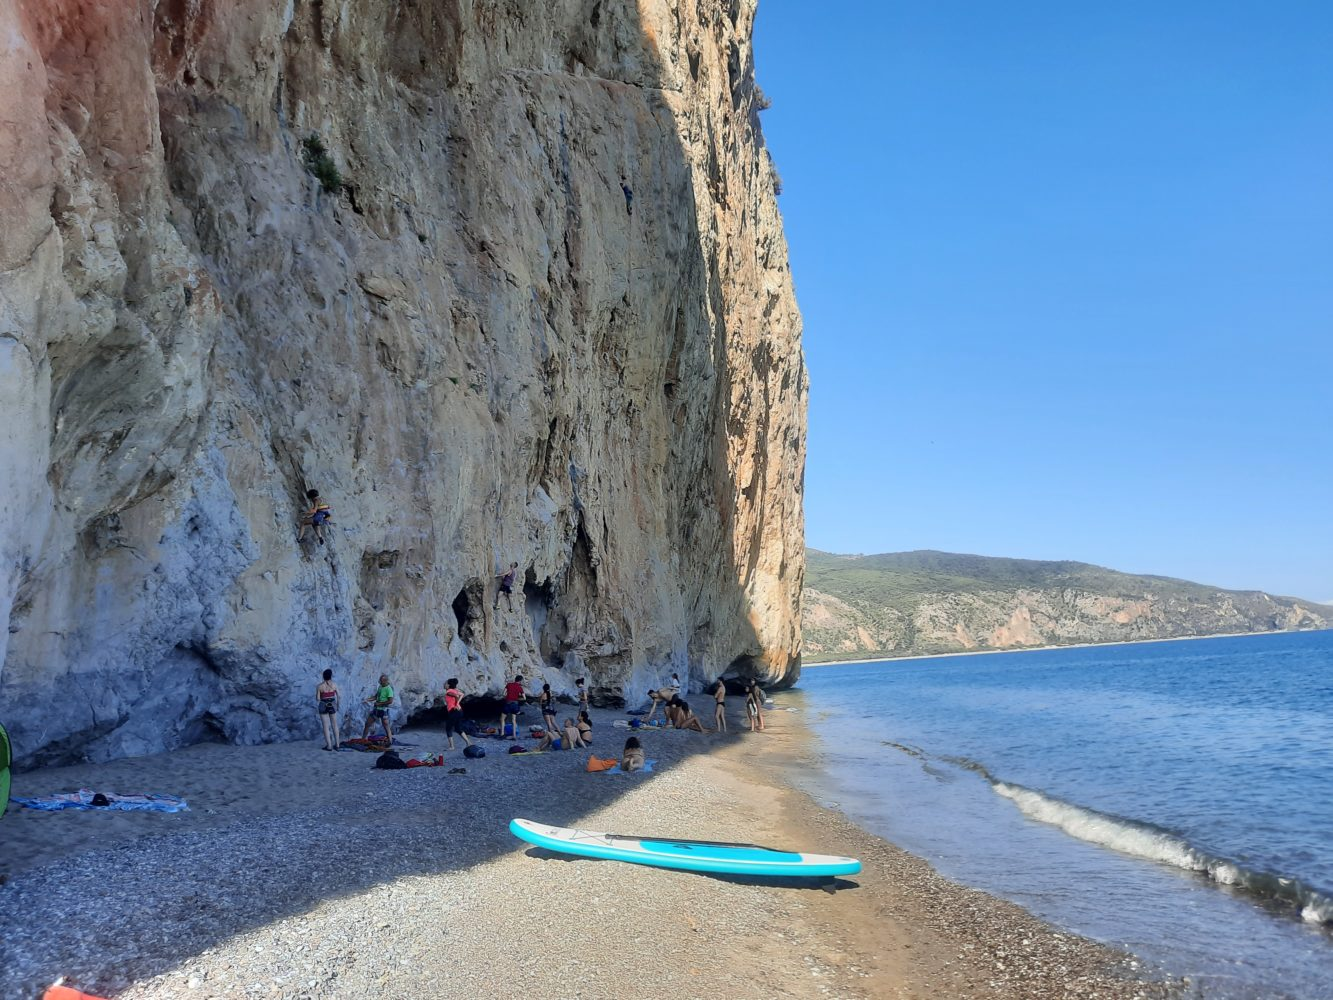 spiaggia della molpa palinuro tra falesie klimbing e mare (3)